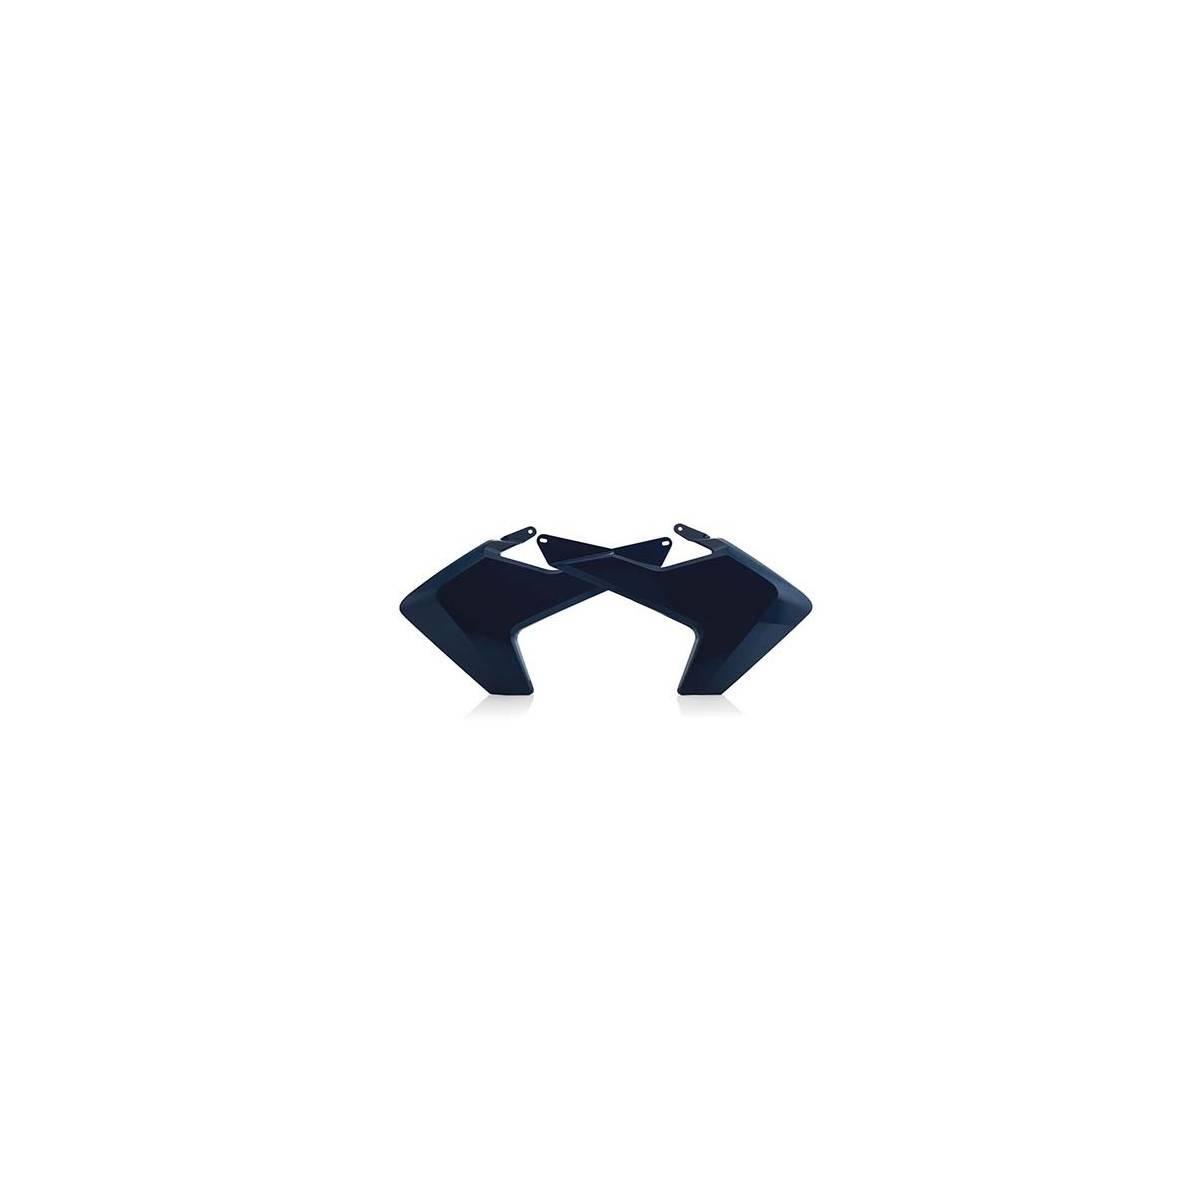 0021827-040 - Tapa Radiador Husqvarna Tc 250 17 18 ... Fc 250... 450 16 18.. Azul